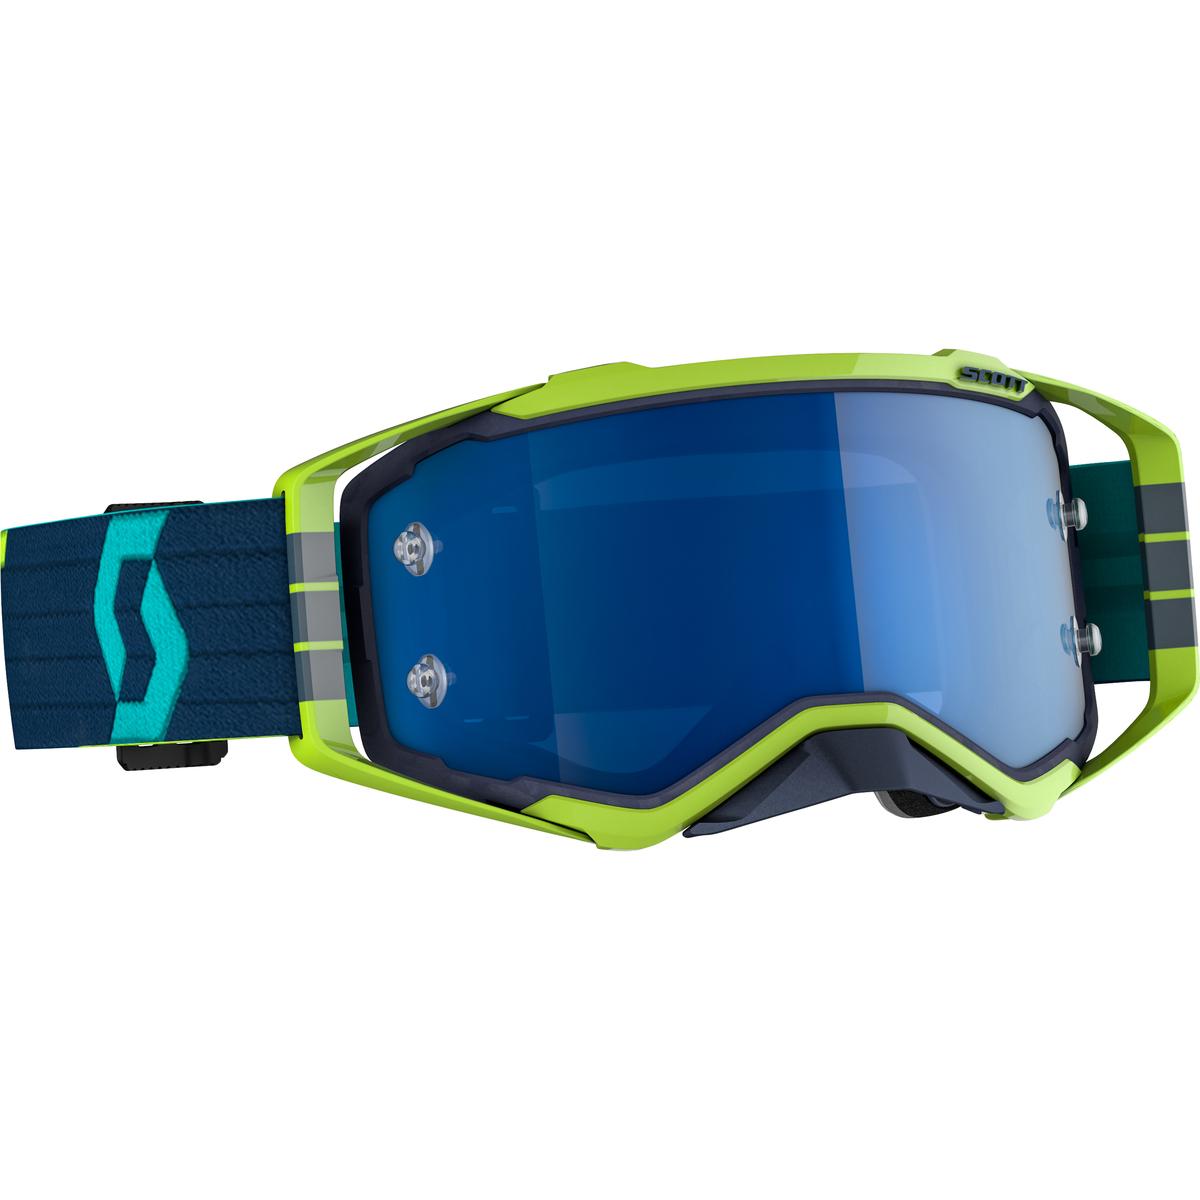 Bild 2 von Scott Prospect Crossbrille blau